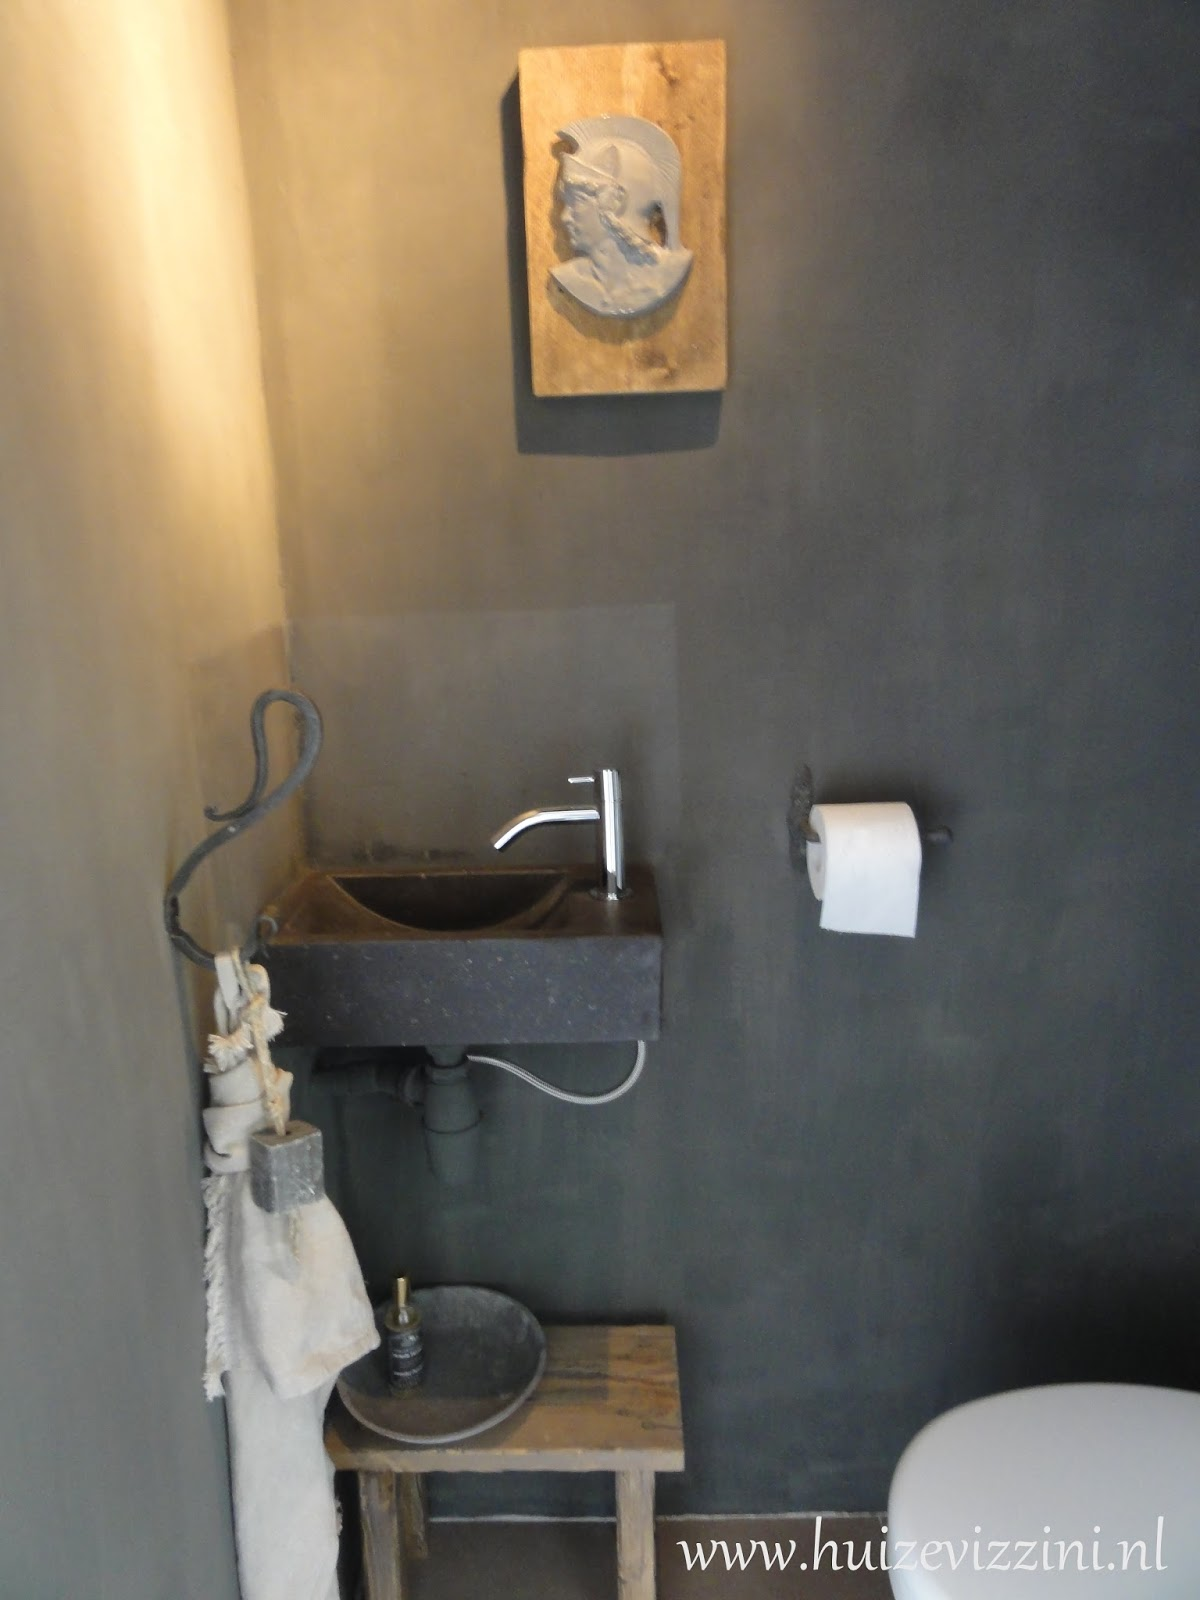 accessoires wc en pin 104213 ontwerp inspiratie voor de badkamer en de kamer. Black Bedroom Furniture Sets. Home Design Ideas